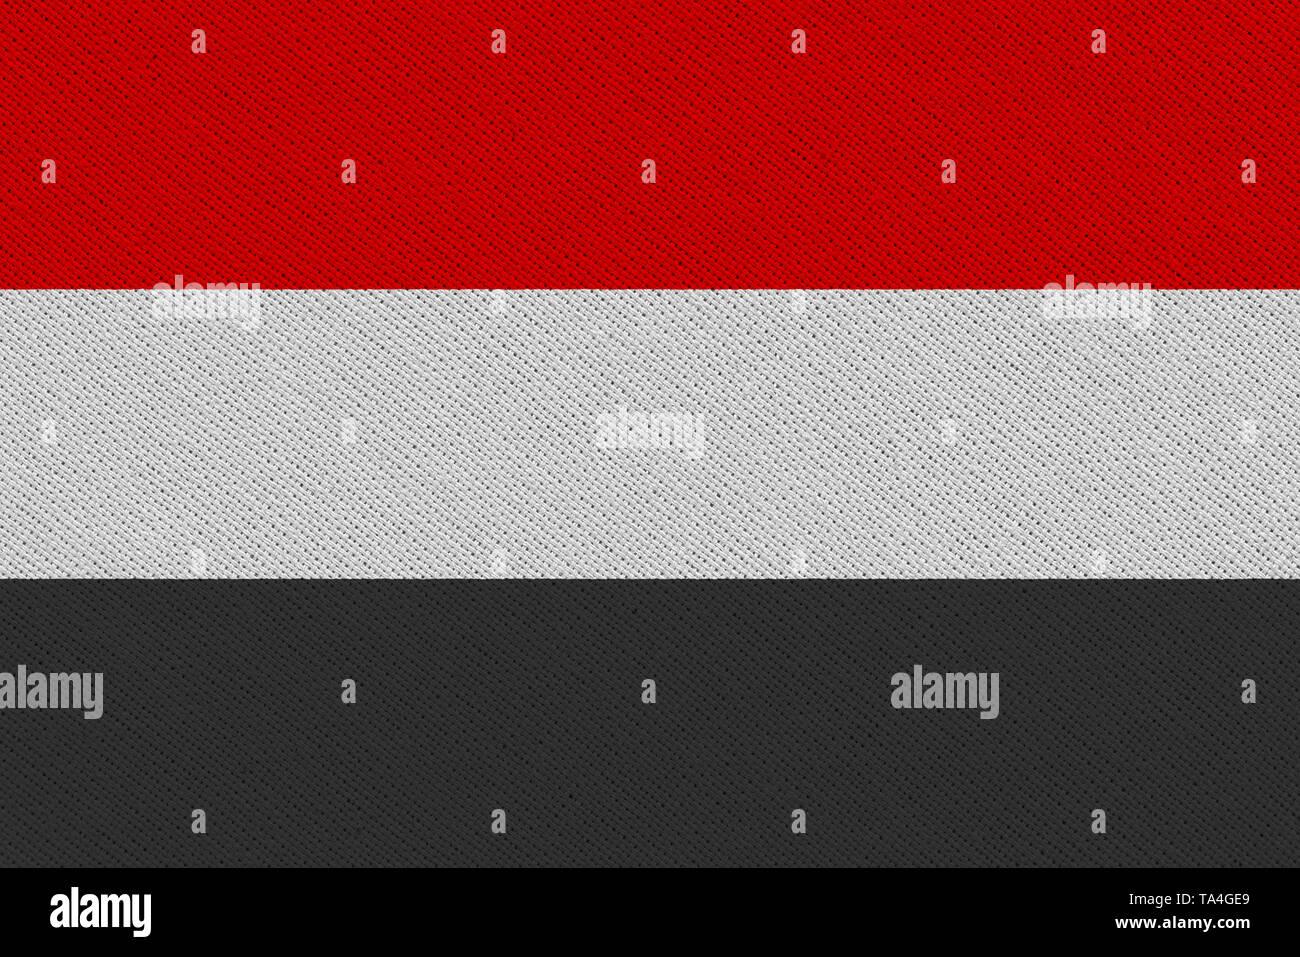 Yemen fabric flag. Patriotic background. National flag of Yemen - Stock Image